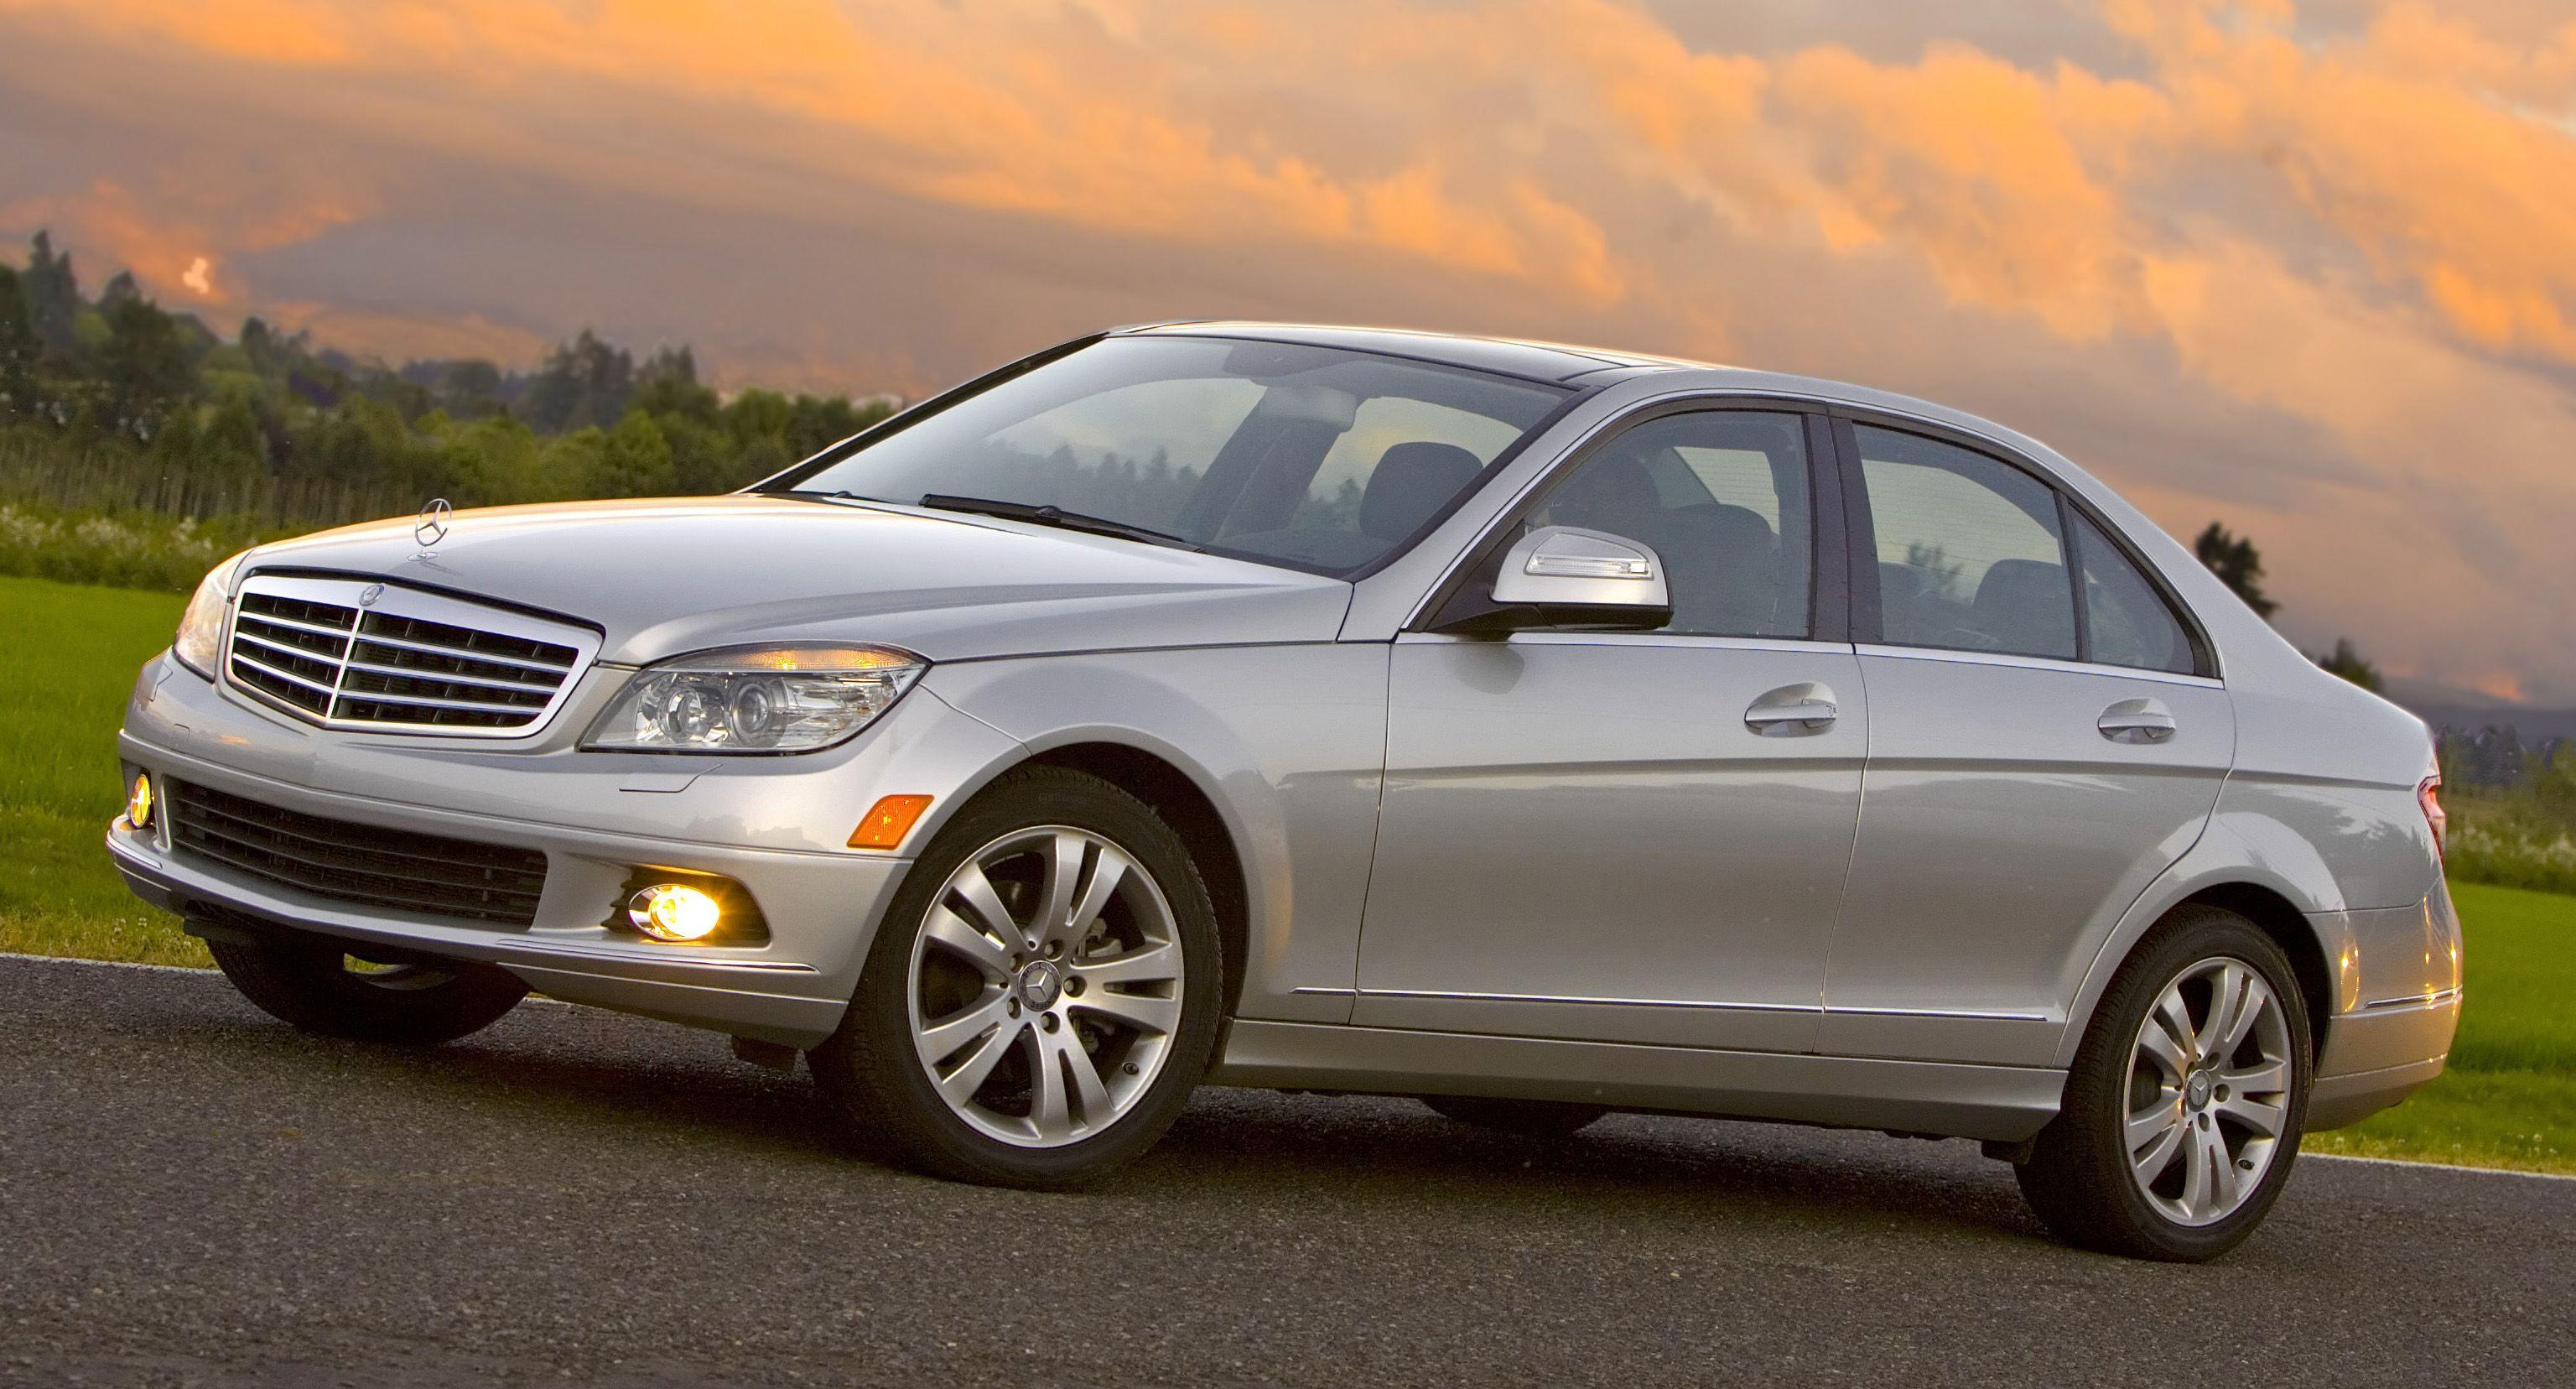 Mercedes c klasse luxury edition deine for Mercedes benz luxury